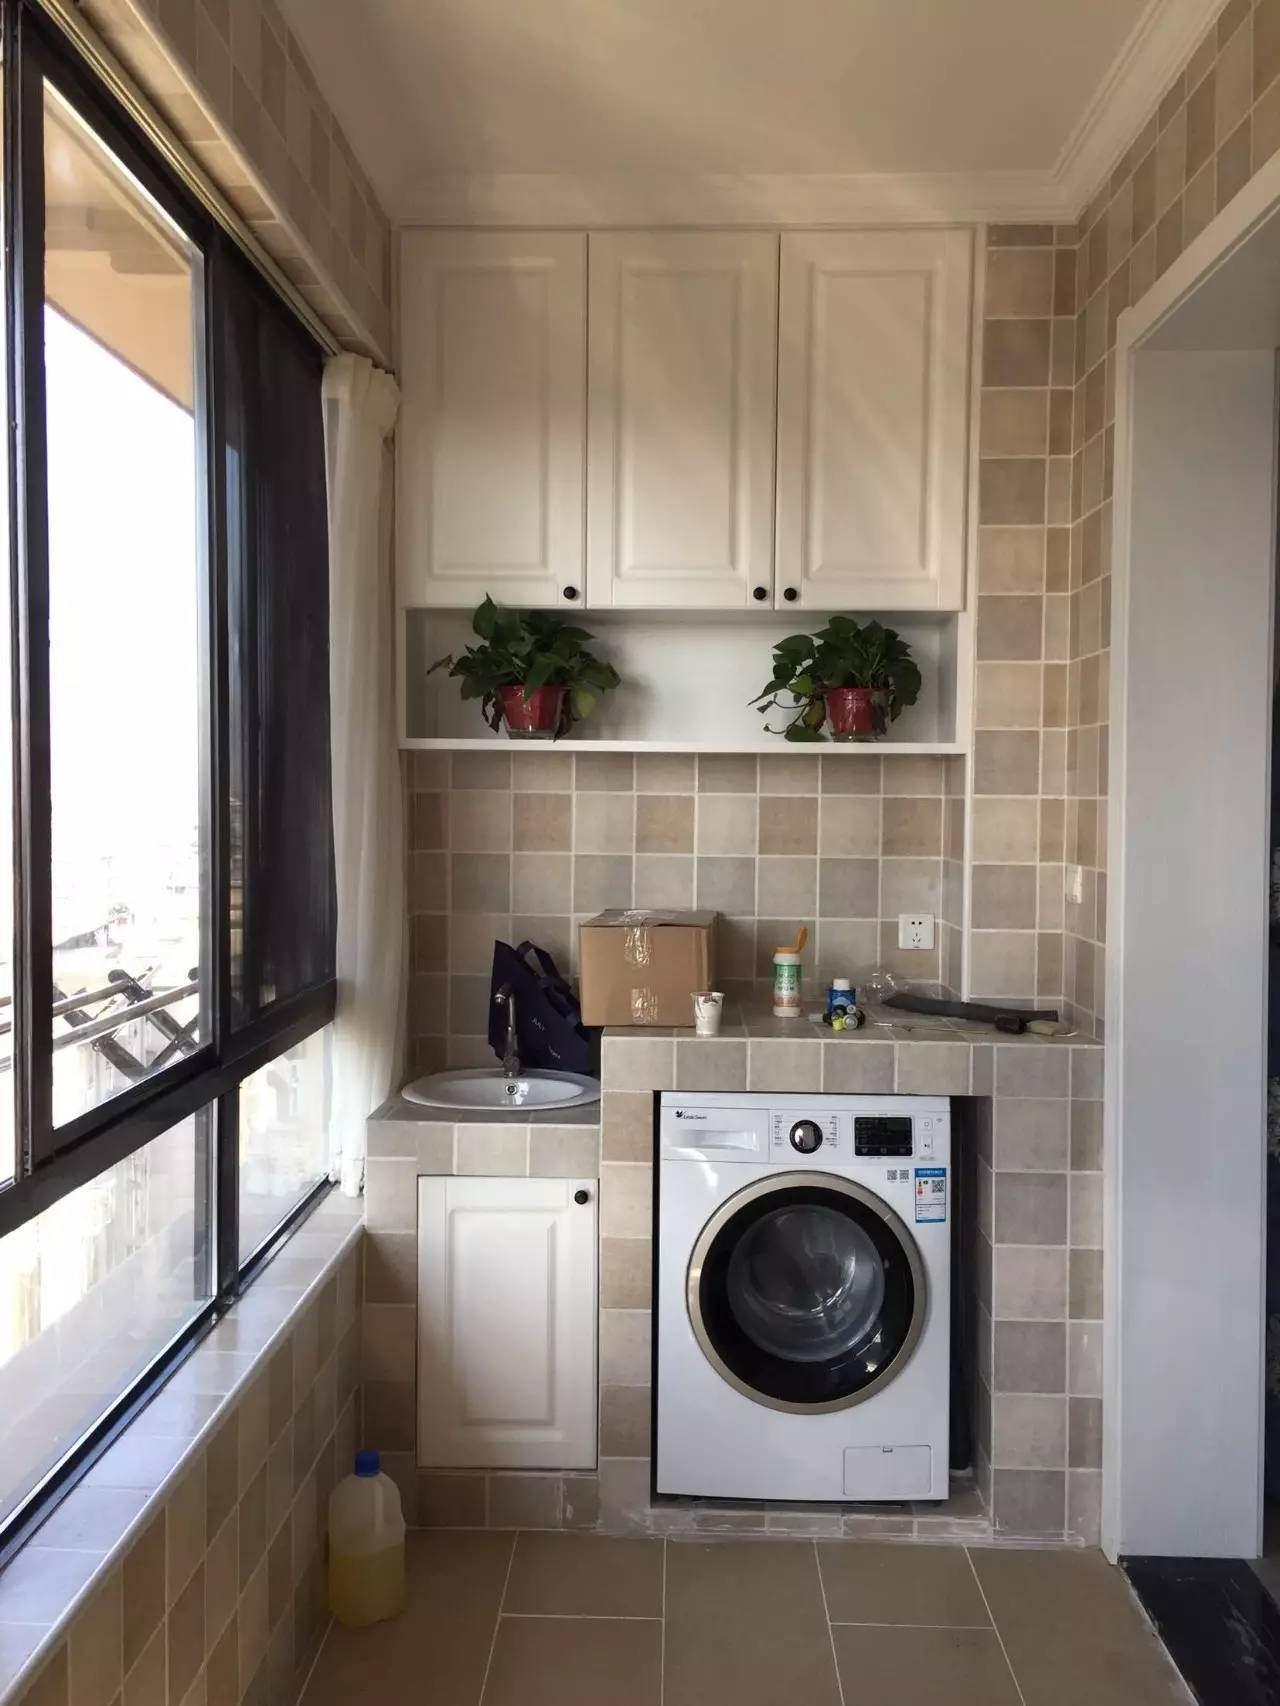 厨房通阳台放洗衣机隔矮墙效果图